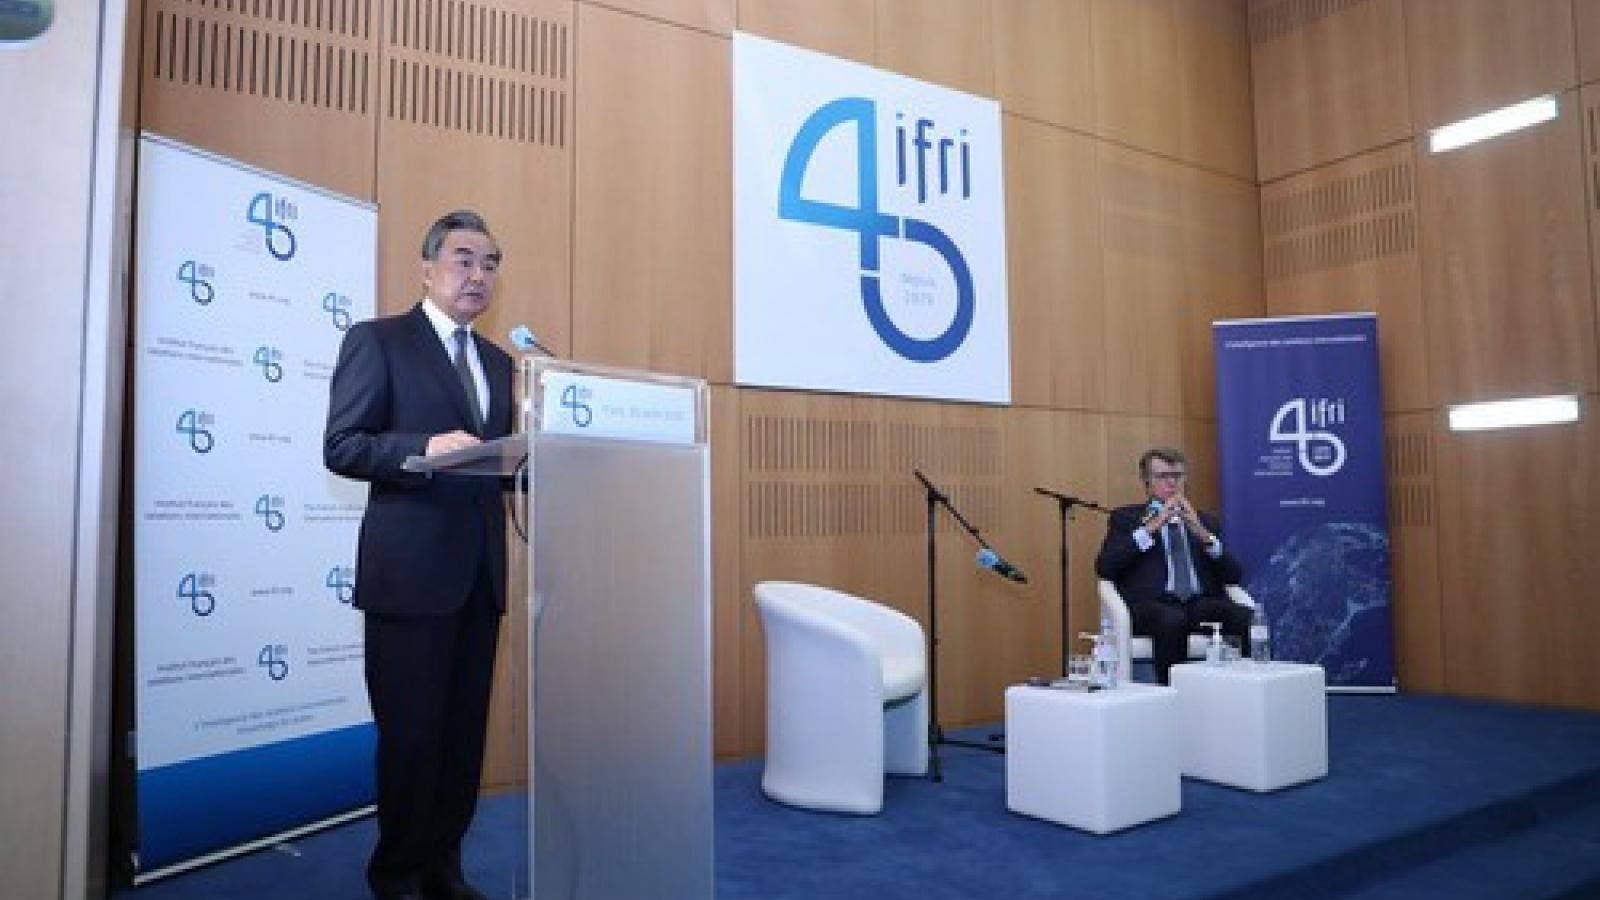 Ngoại trưởng Trung Quốc đưa ra 4 lĩnh vực phát triển quan hệ với châu Âu